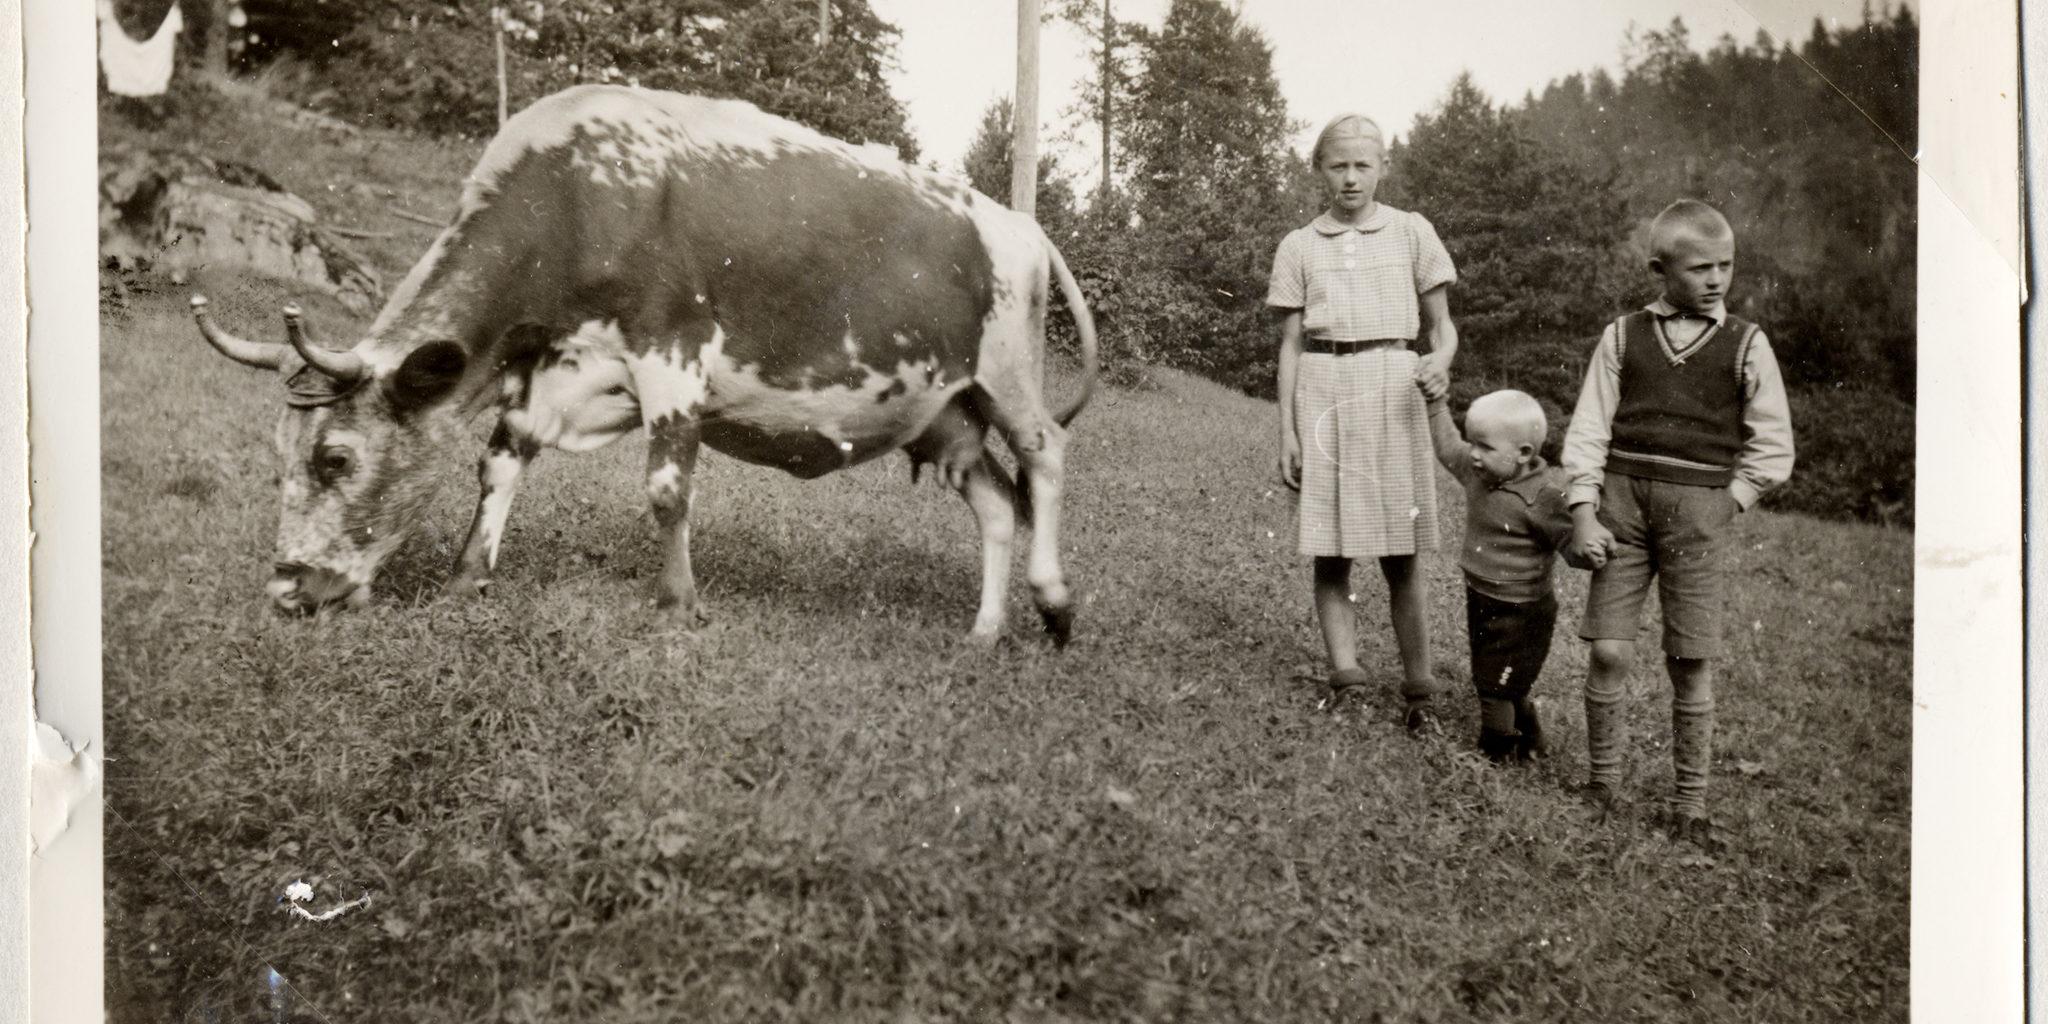 TELEMARKSKU: Astrid, Eyvind og Einar Bjaadal vokste opp i Vrangfoss. Faren var sluseformann. Familien bodde i mesterboligen og hadde flere dyr. Kua på bildet het Gullmøy.